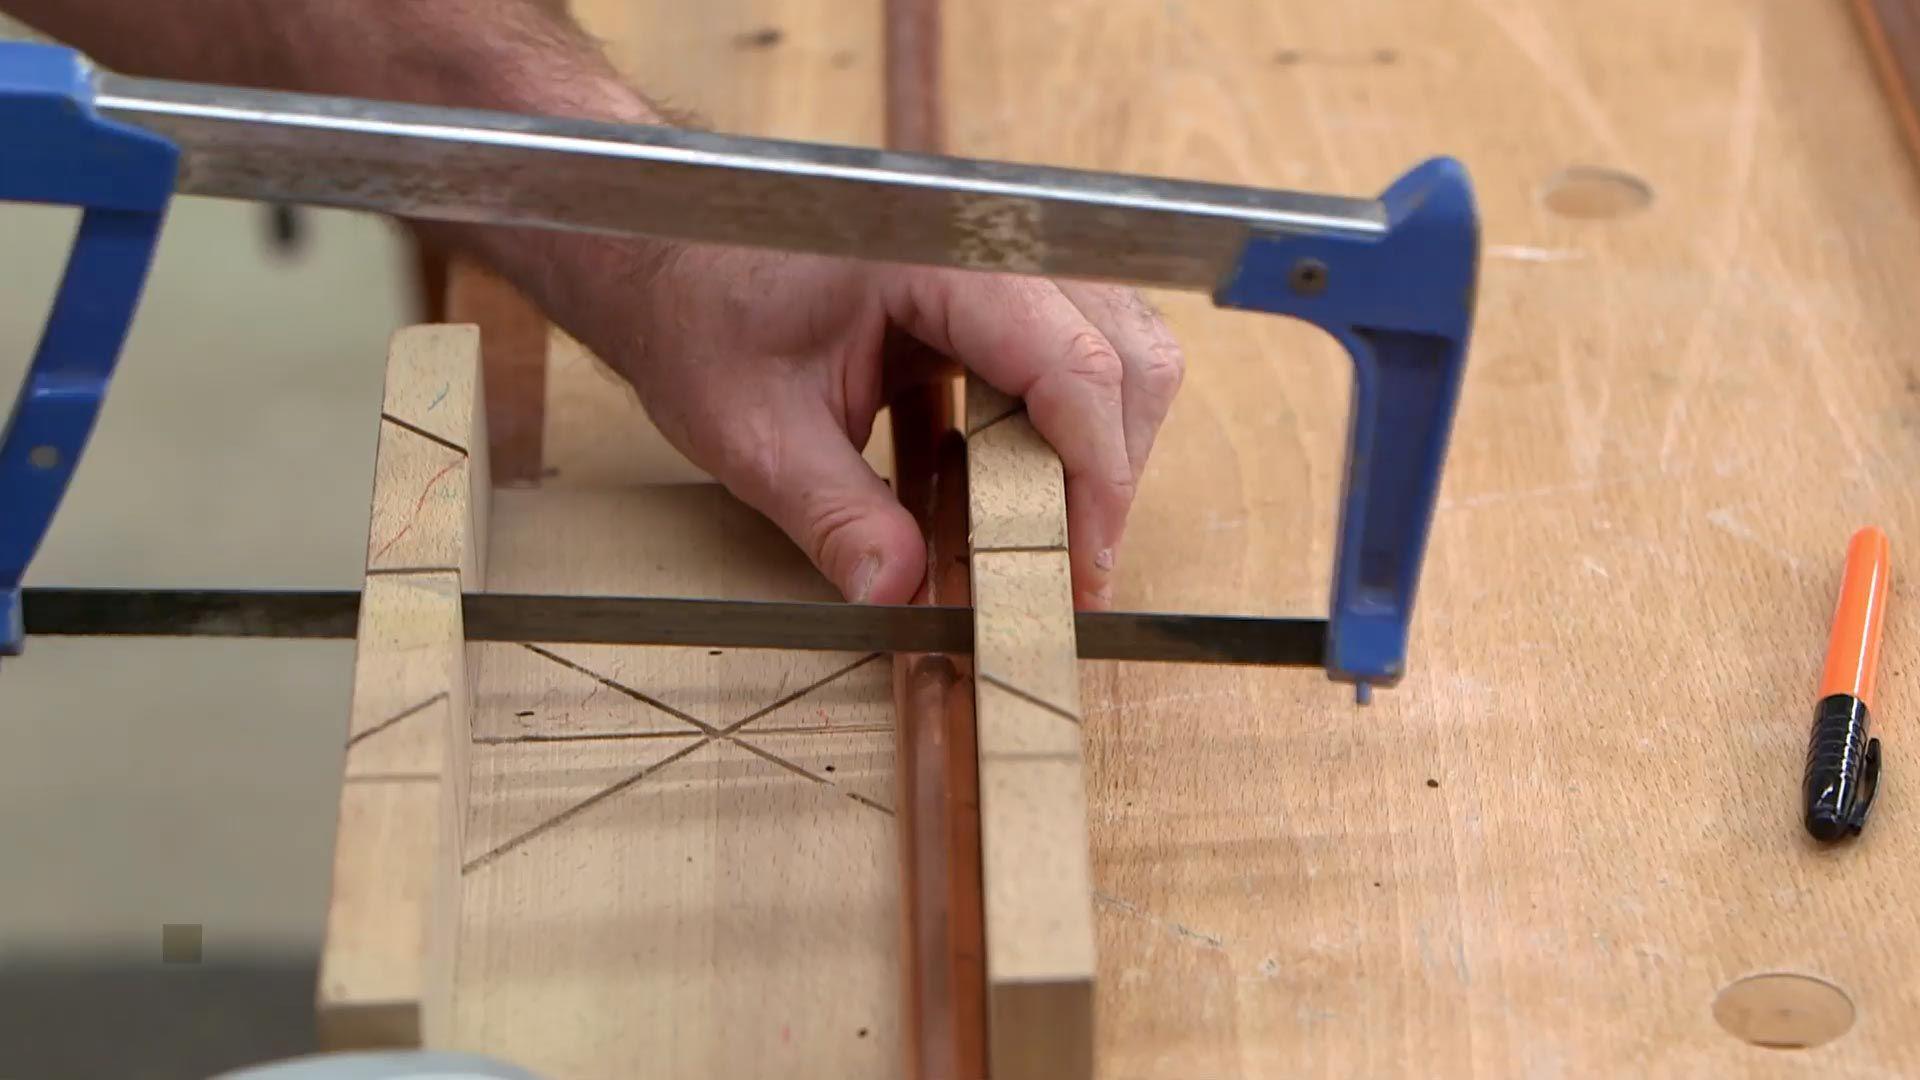 Cortar tubos de cobre con una sierra y una caja de ingletes